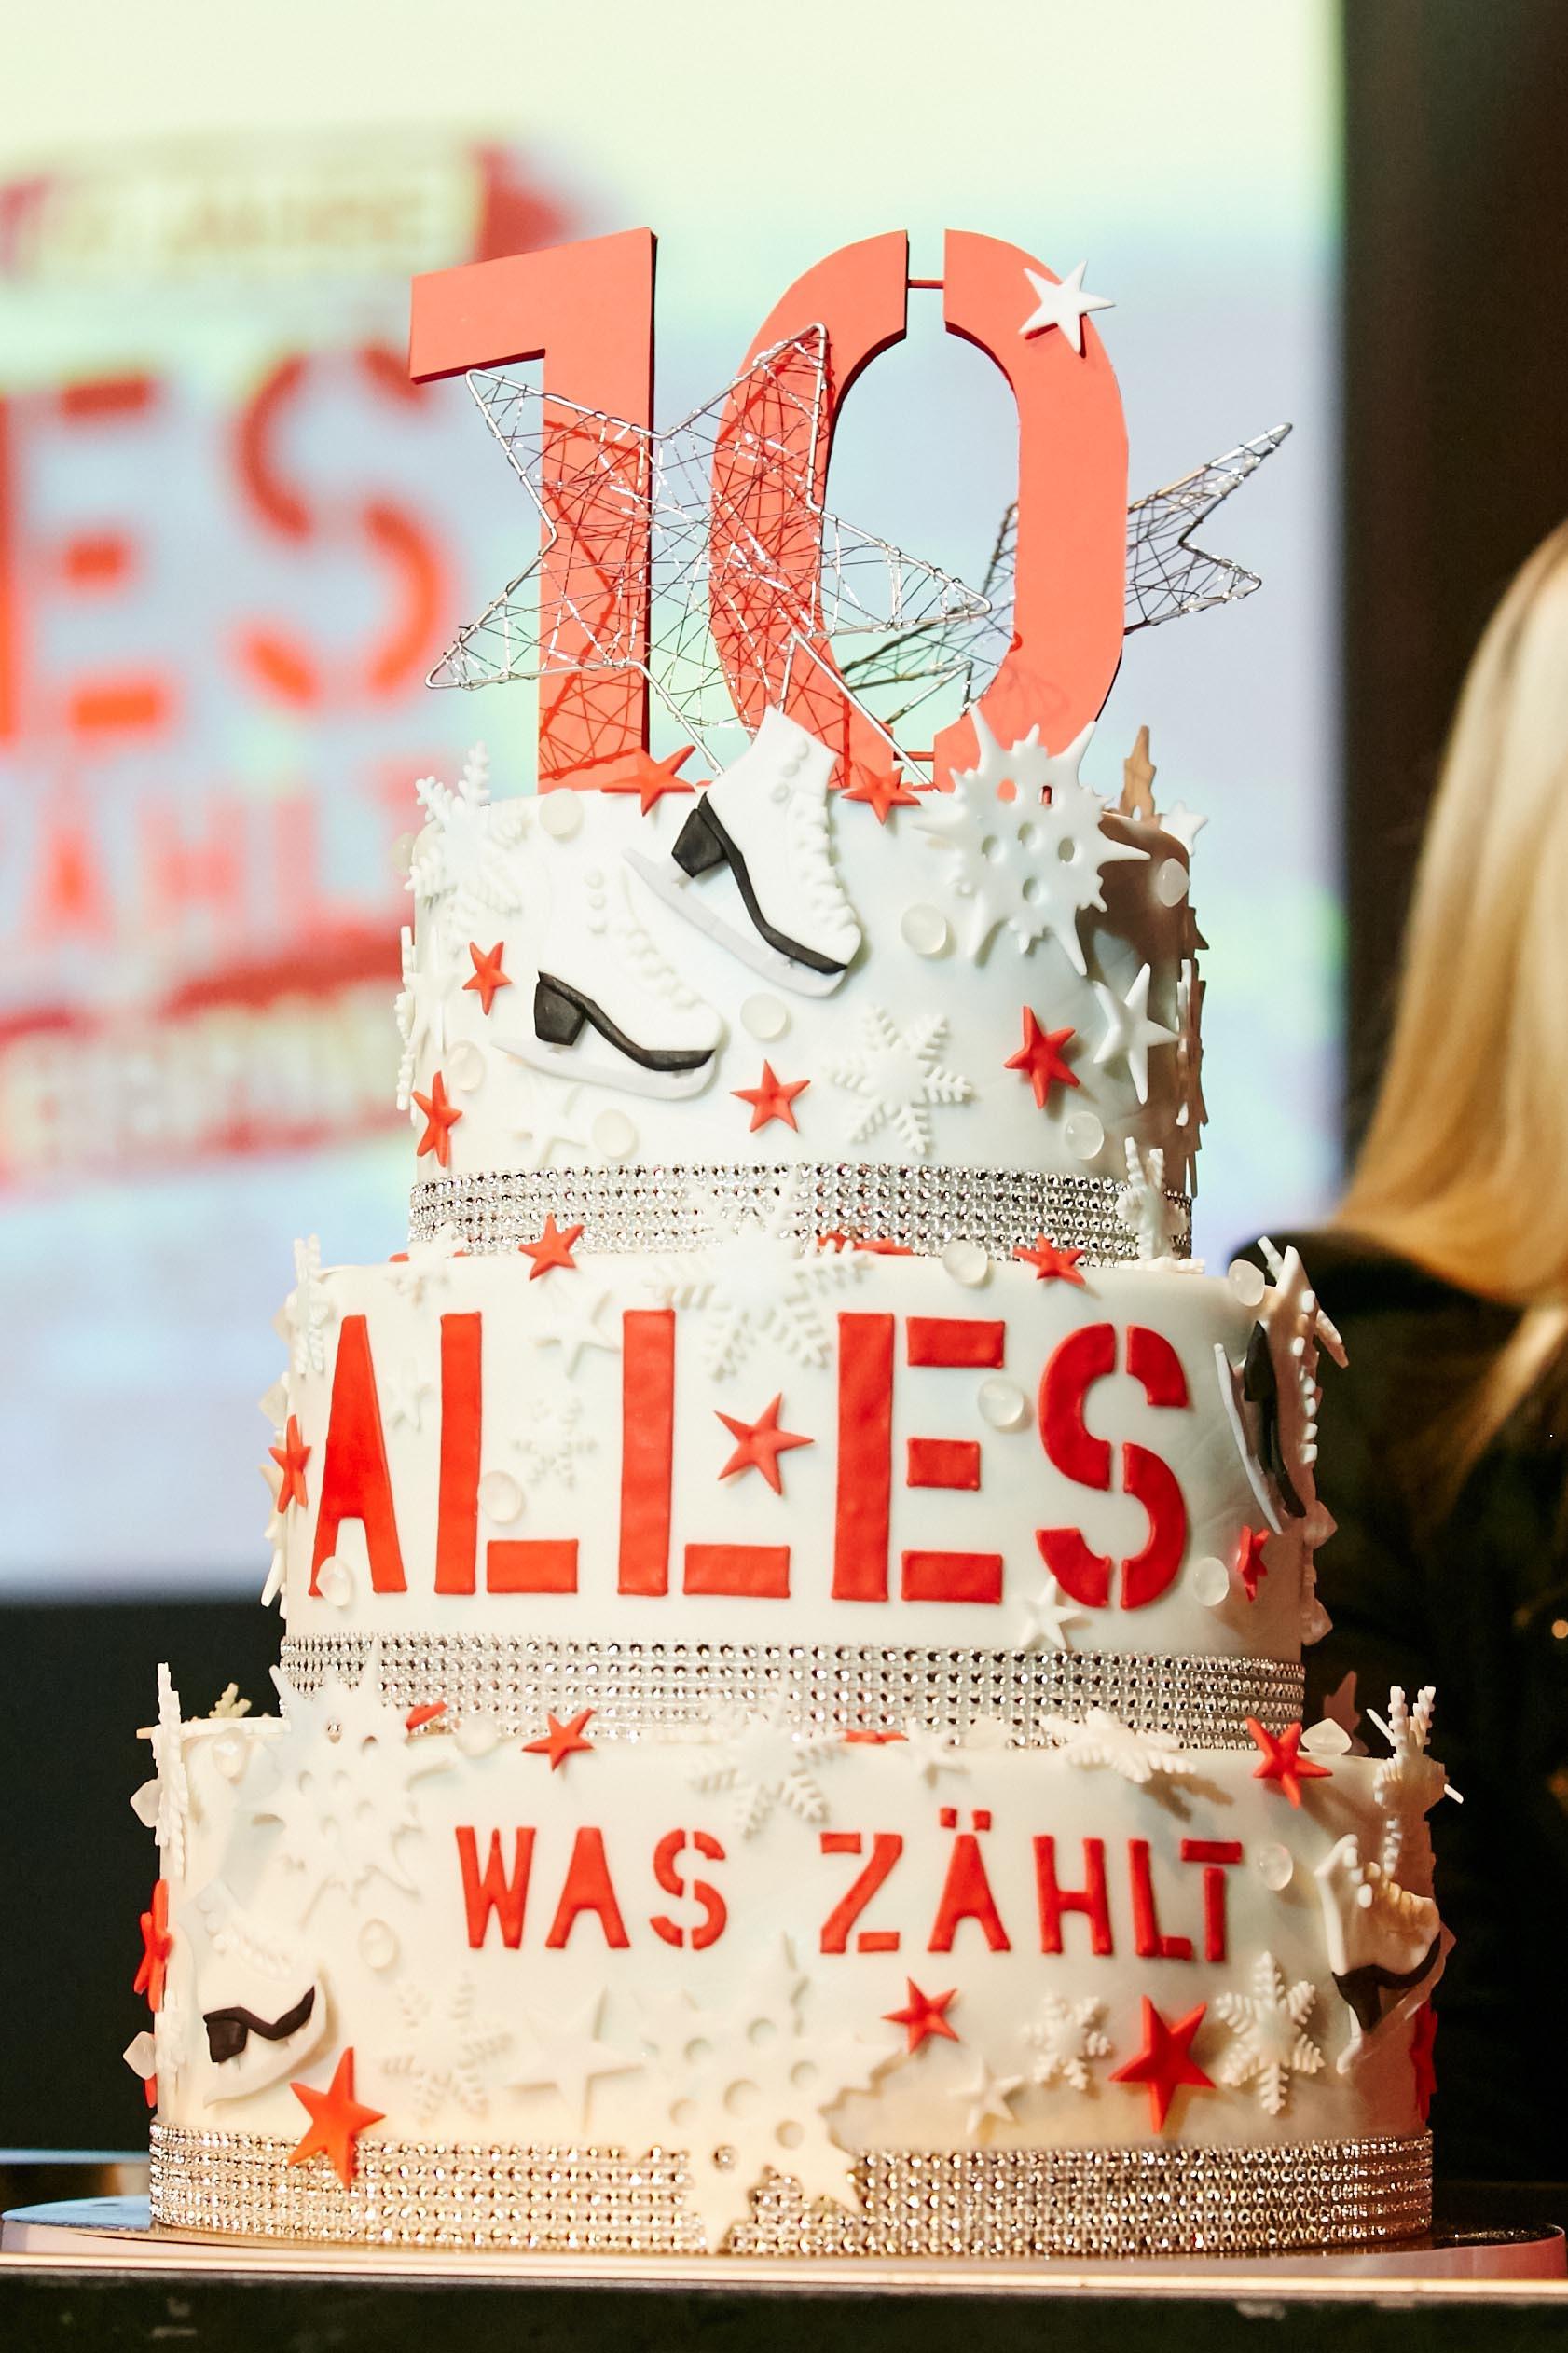 """Die """"Alles was zählt""""-Torte zum 10-jährigen Jubiläum."""